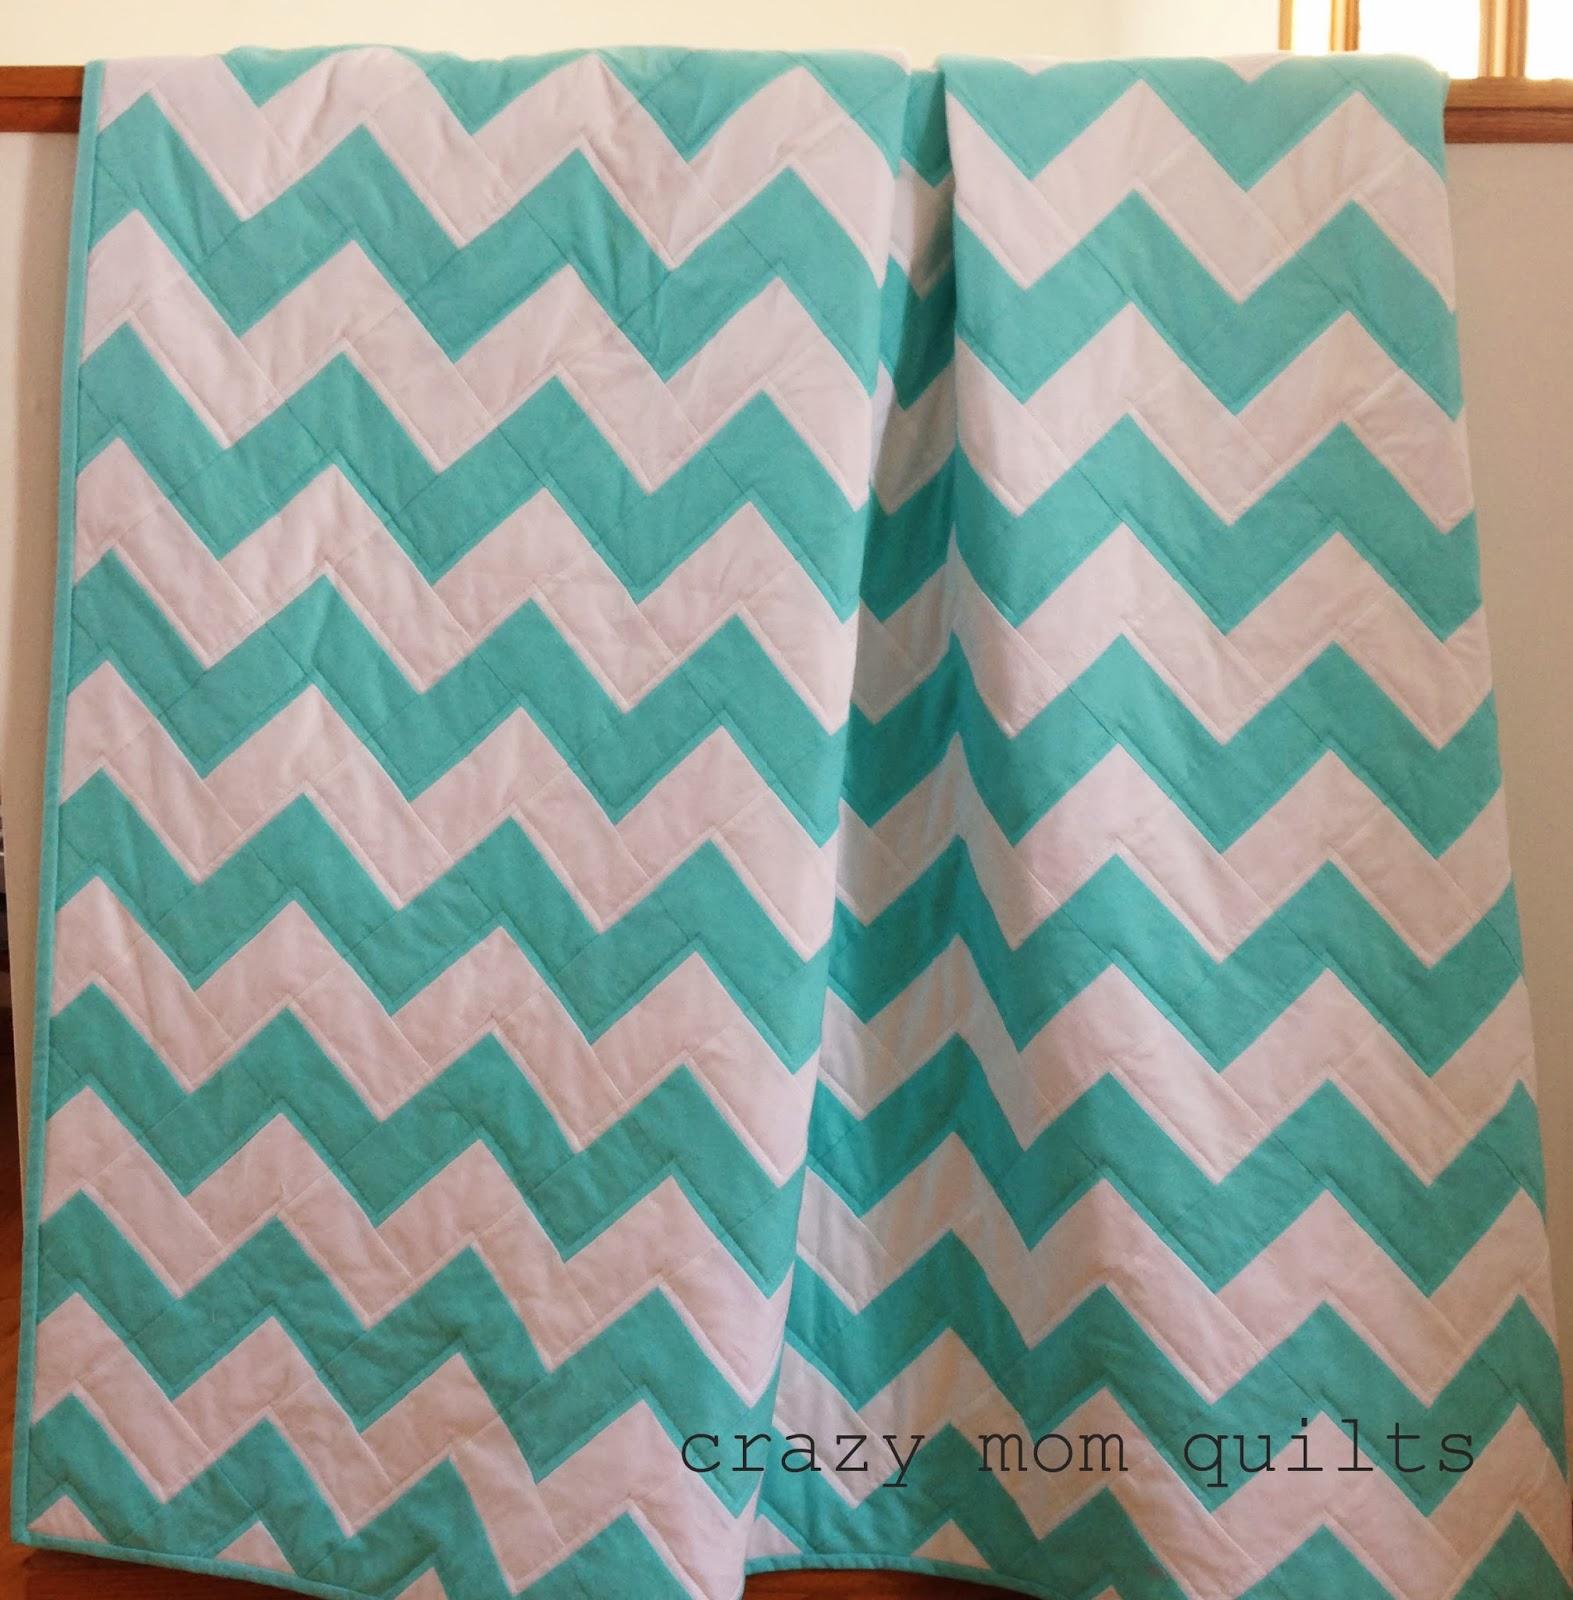 crazy mom quilts: aqua zig zag quilt